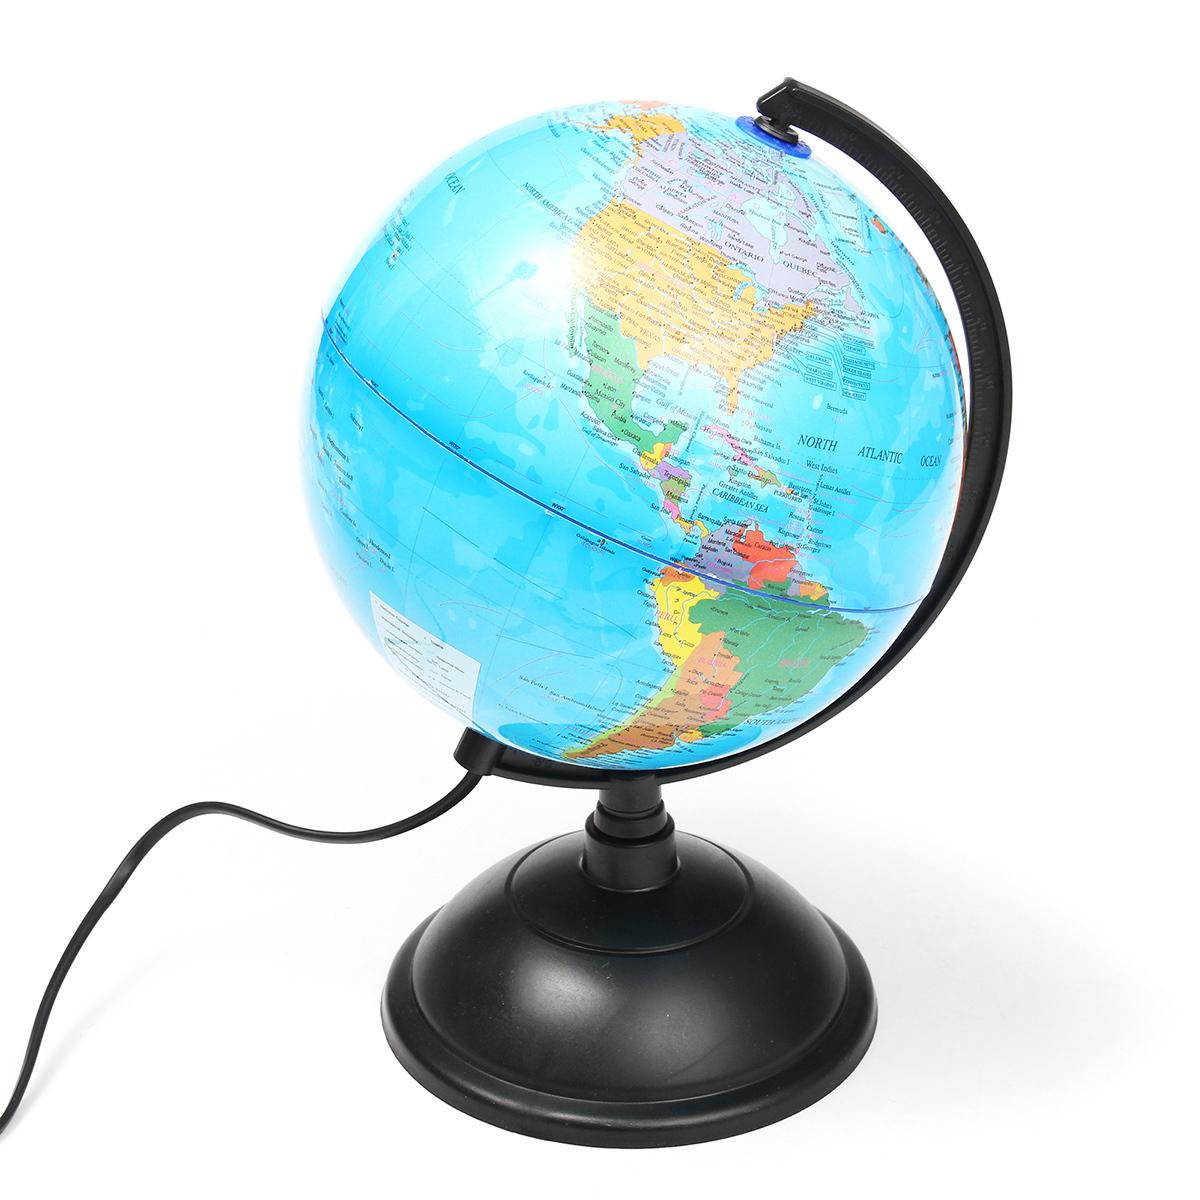 Philippines led world globe rotating swivel map of earth atlas led world globe rotating swivel map of earth atlas geography intl gumiabroncs Images